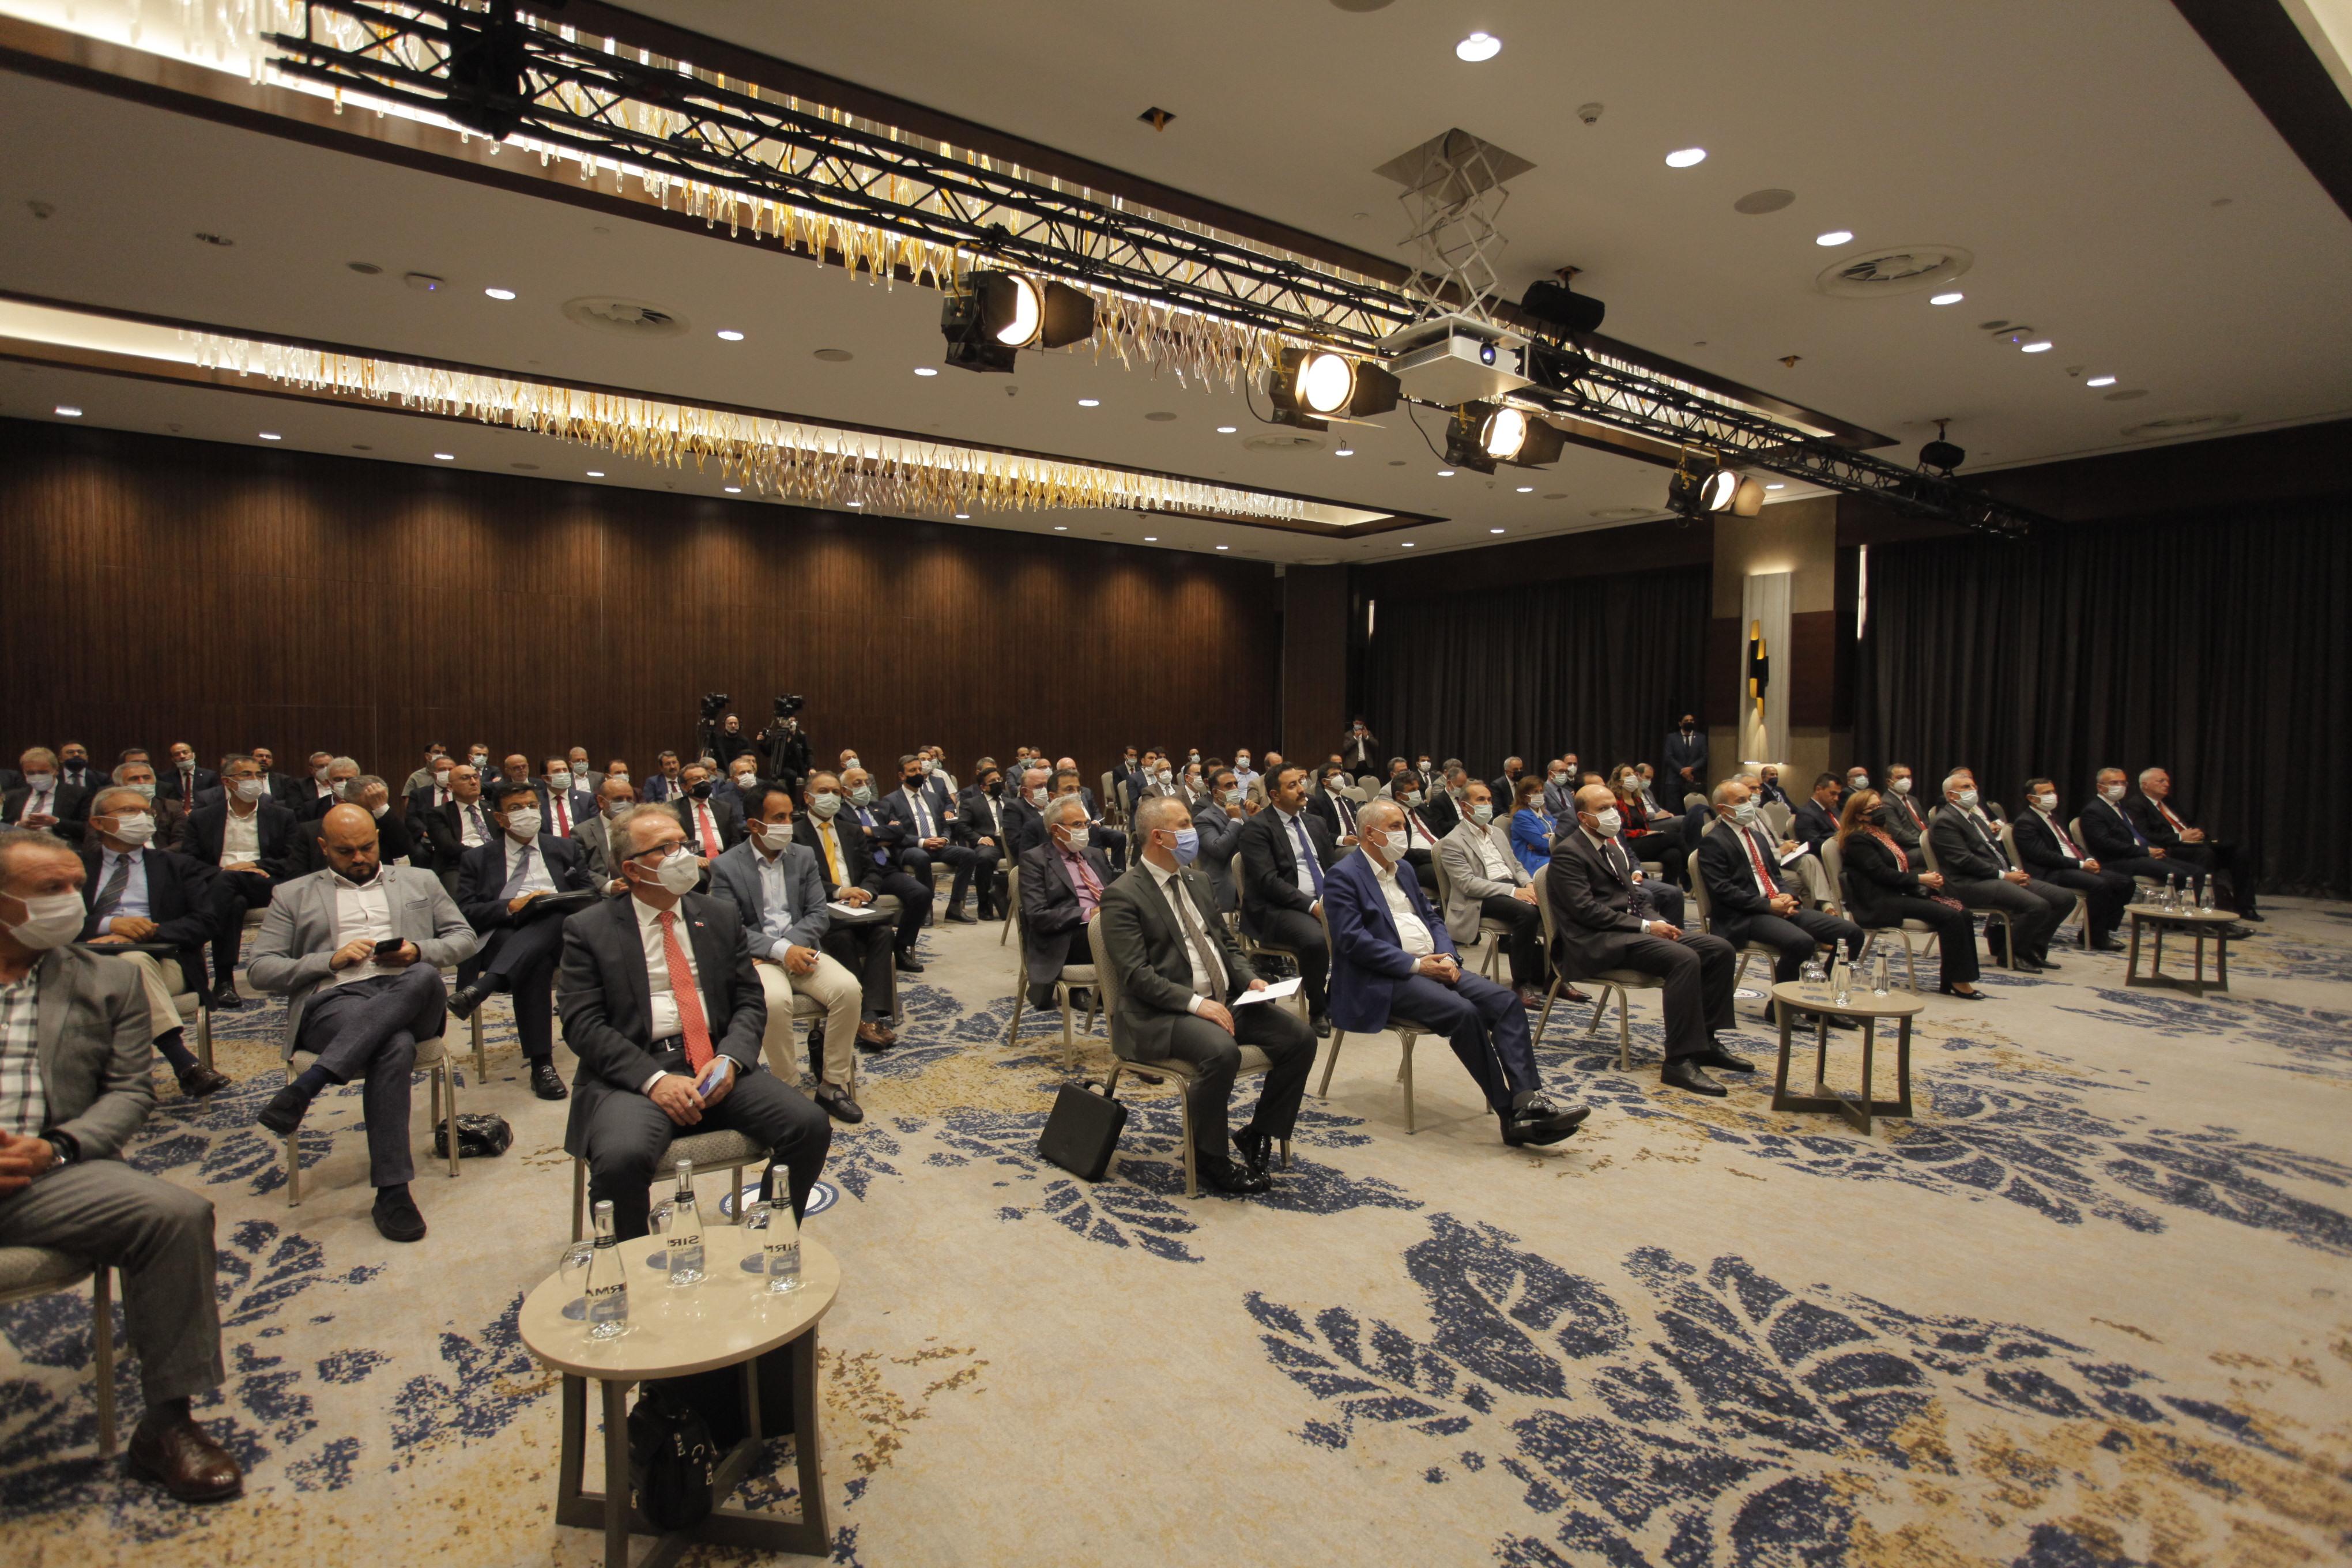 İlim Yayma Ödülleri Akademik Tanıtım ve İstişare Toplantısı Gerçekleştirildi - Haberler - İlim Yayma Vakfı, İYV